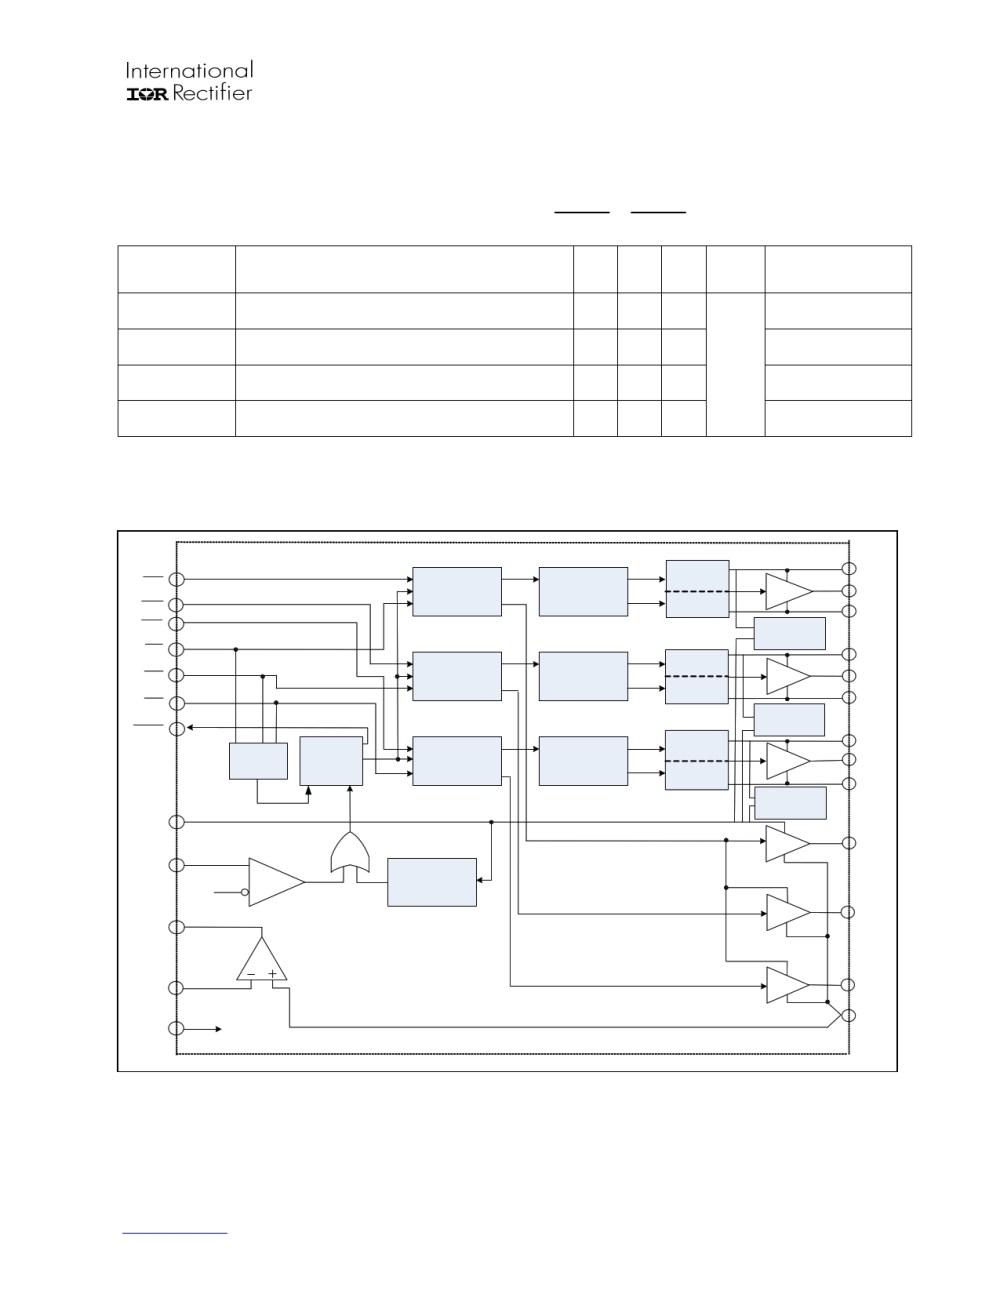 medium resolution of 240v motor wiring diagram single phase wiring diagram for single phase motor awesome datasheet irs233jpbf